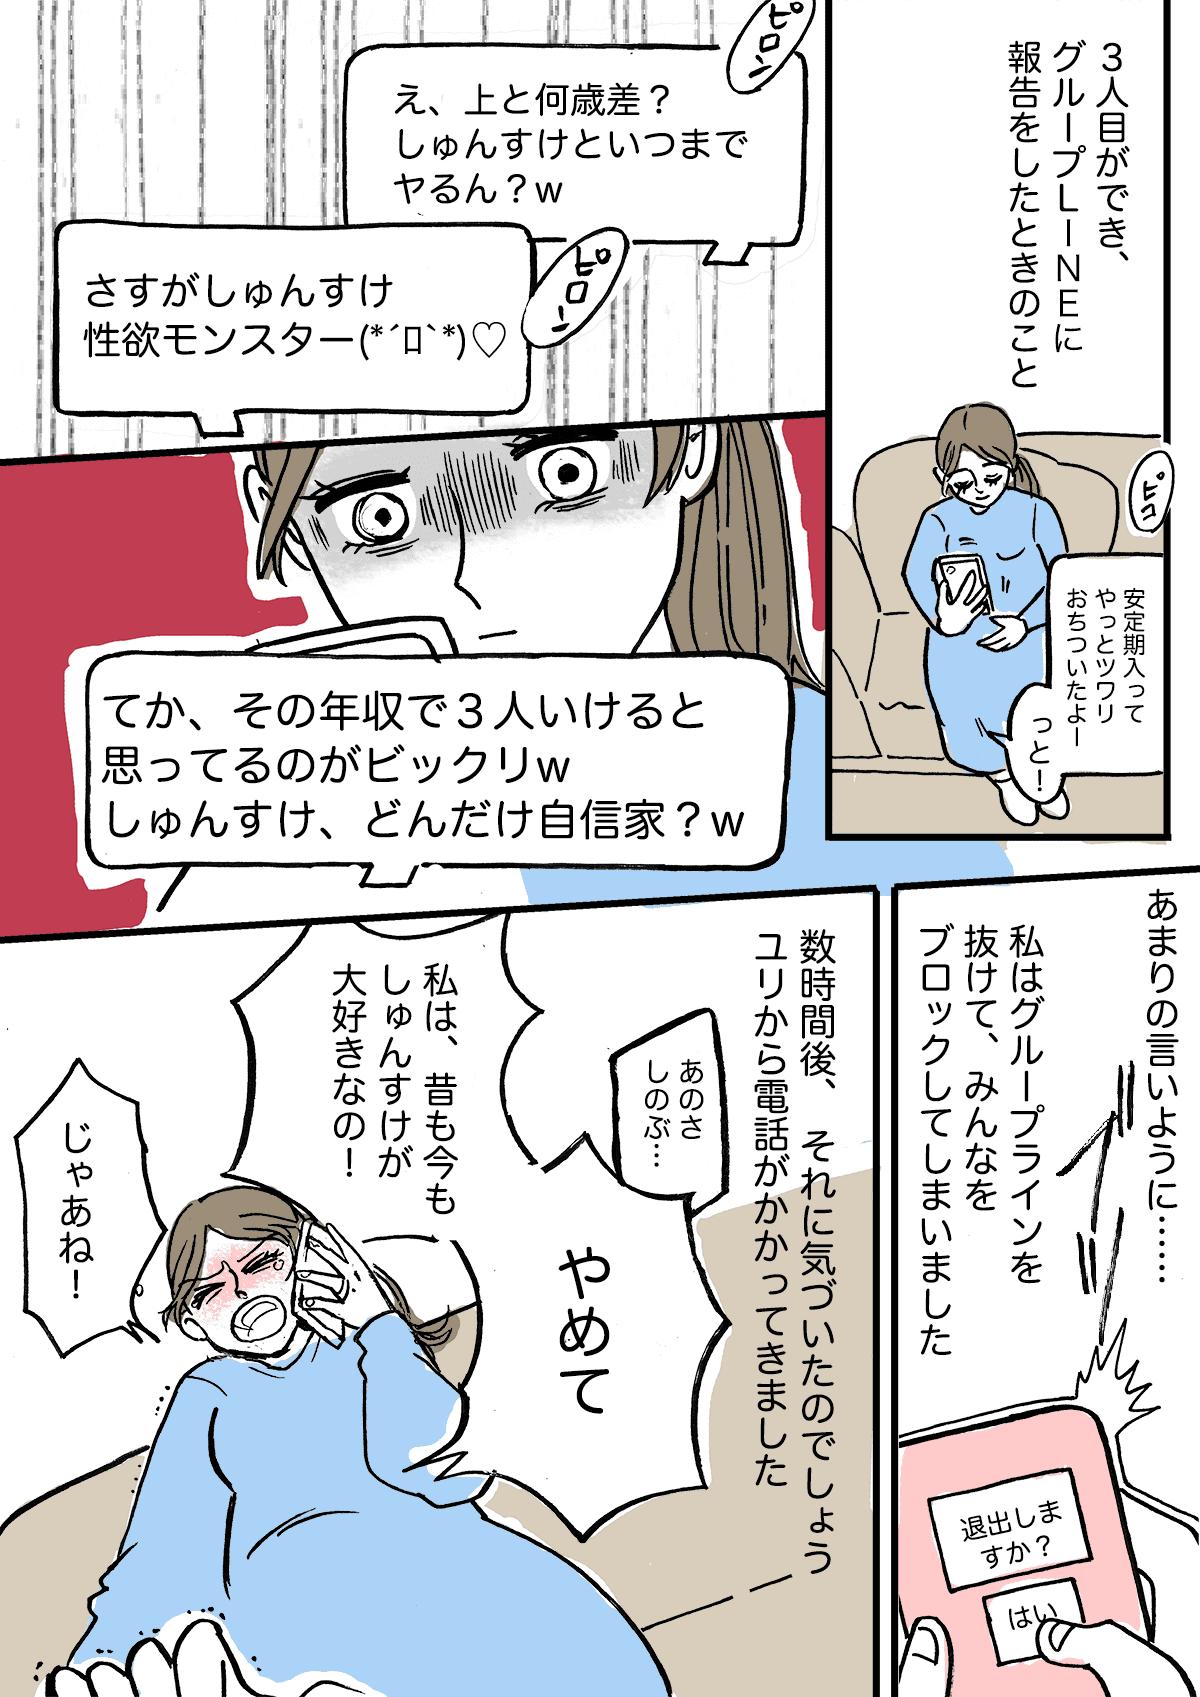 ①「同級生たちの旦那マウント」3 (1)